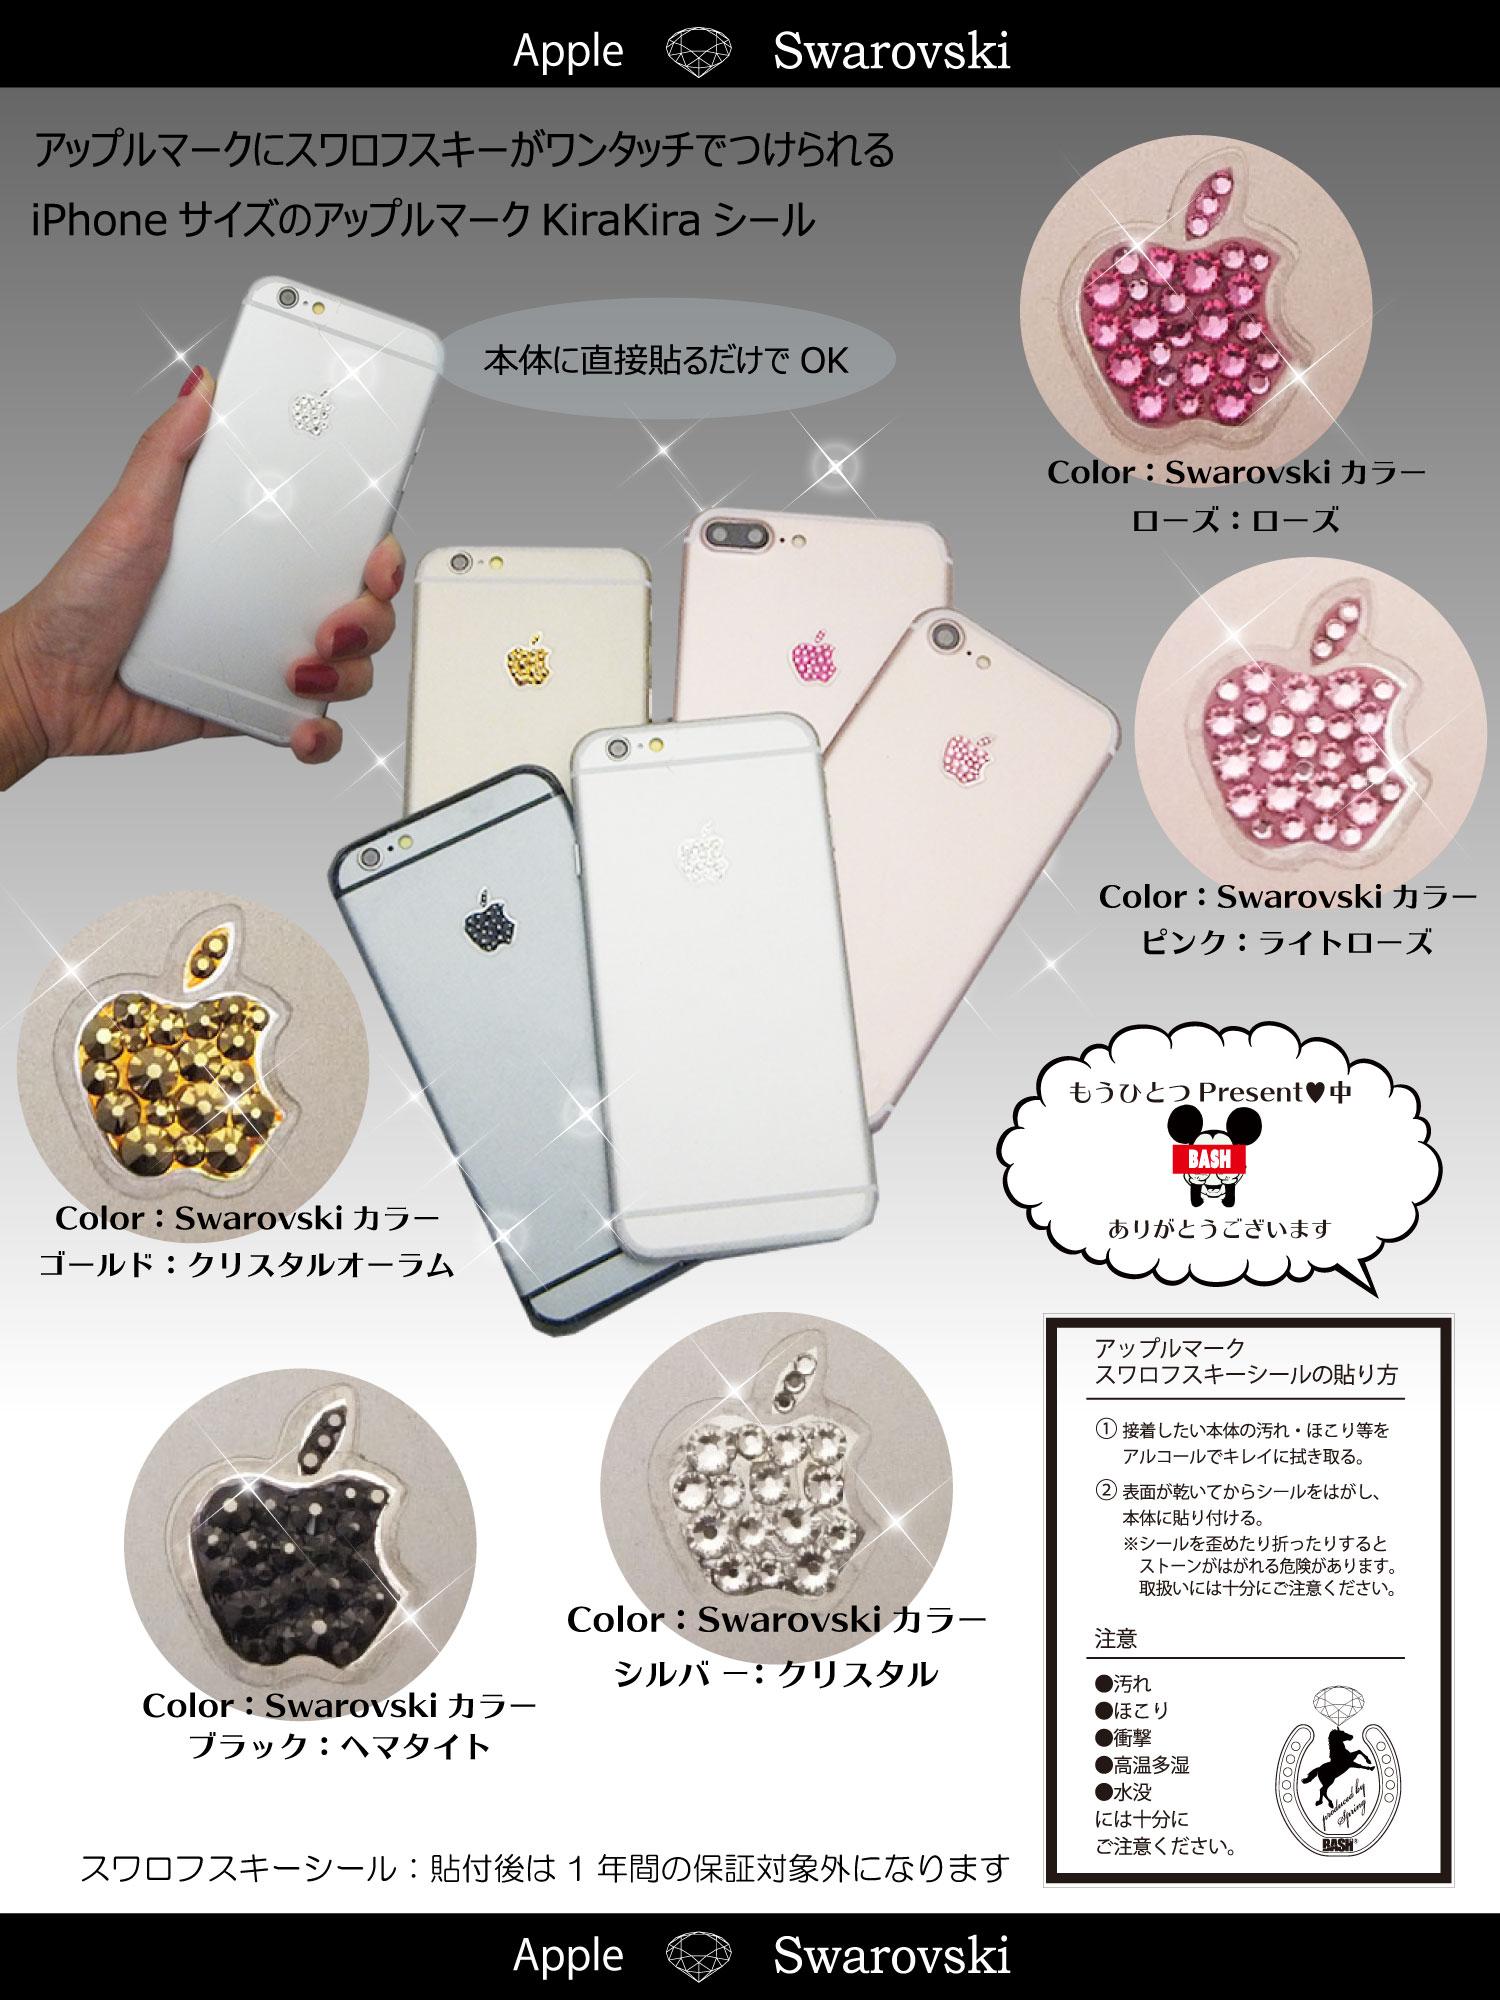 iPhoneデコスマホデコ可愛い人気のiPhoneケーススマホケースは年間20,000点の実績で保証が付いて安心のDecoブランドBASHバッシュでお買い求めください。キラキラステッカー キラキラシール スワロフスキーシール アップルマークシール アップルマークステッカー